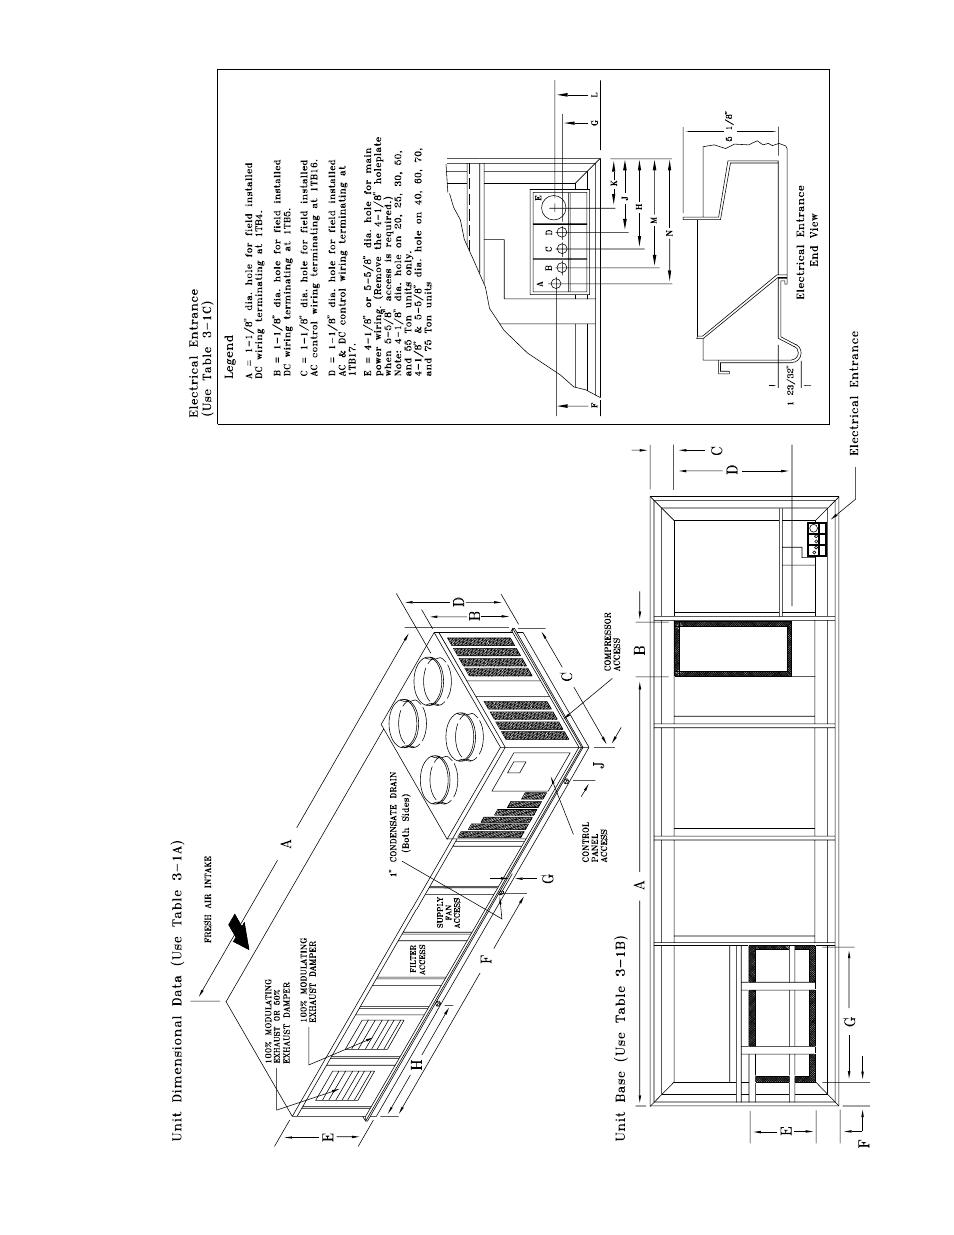 Trane INTELLIPAK ™ ™ ™ ™ ™ Commercial Single-Zone Rooftop